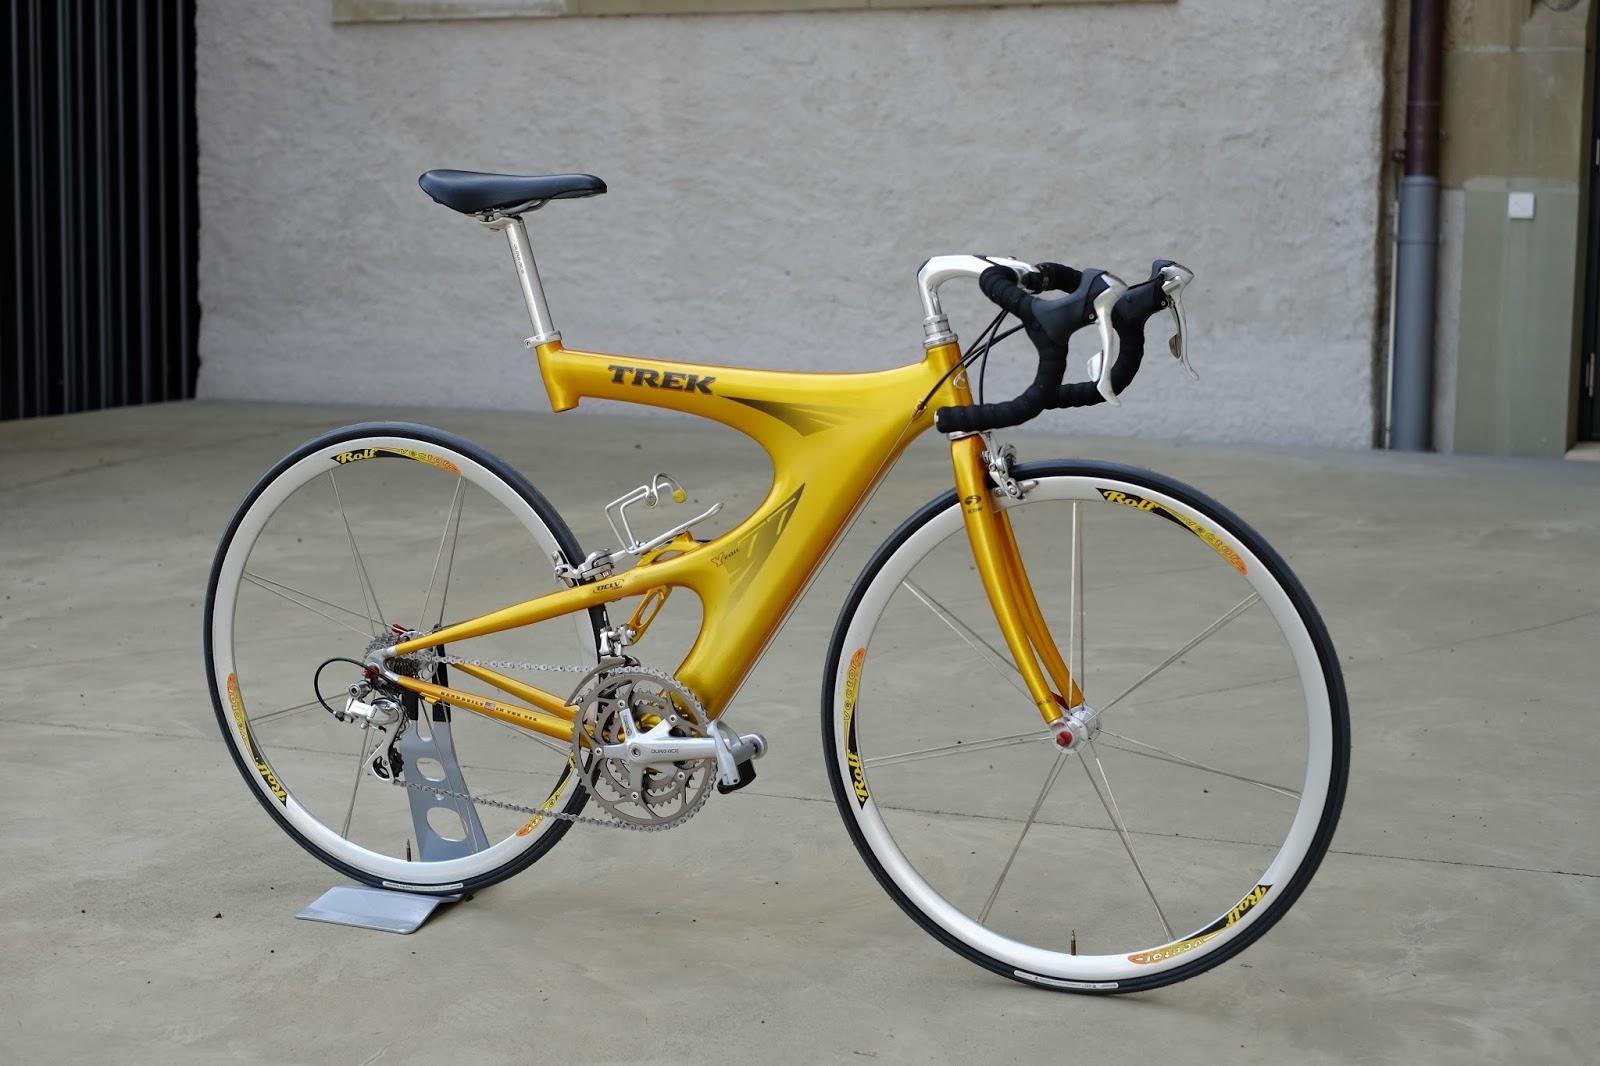 Trek Y Foil 77 | vive le vélo!